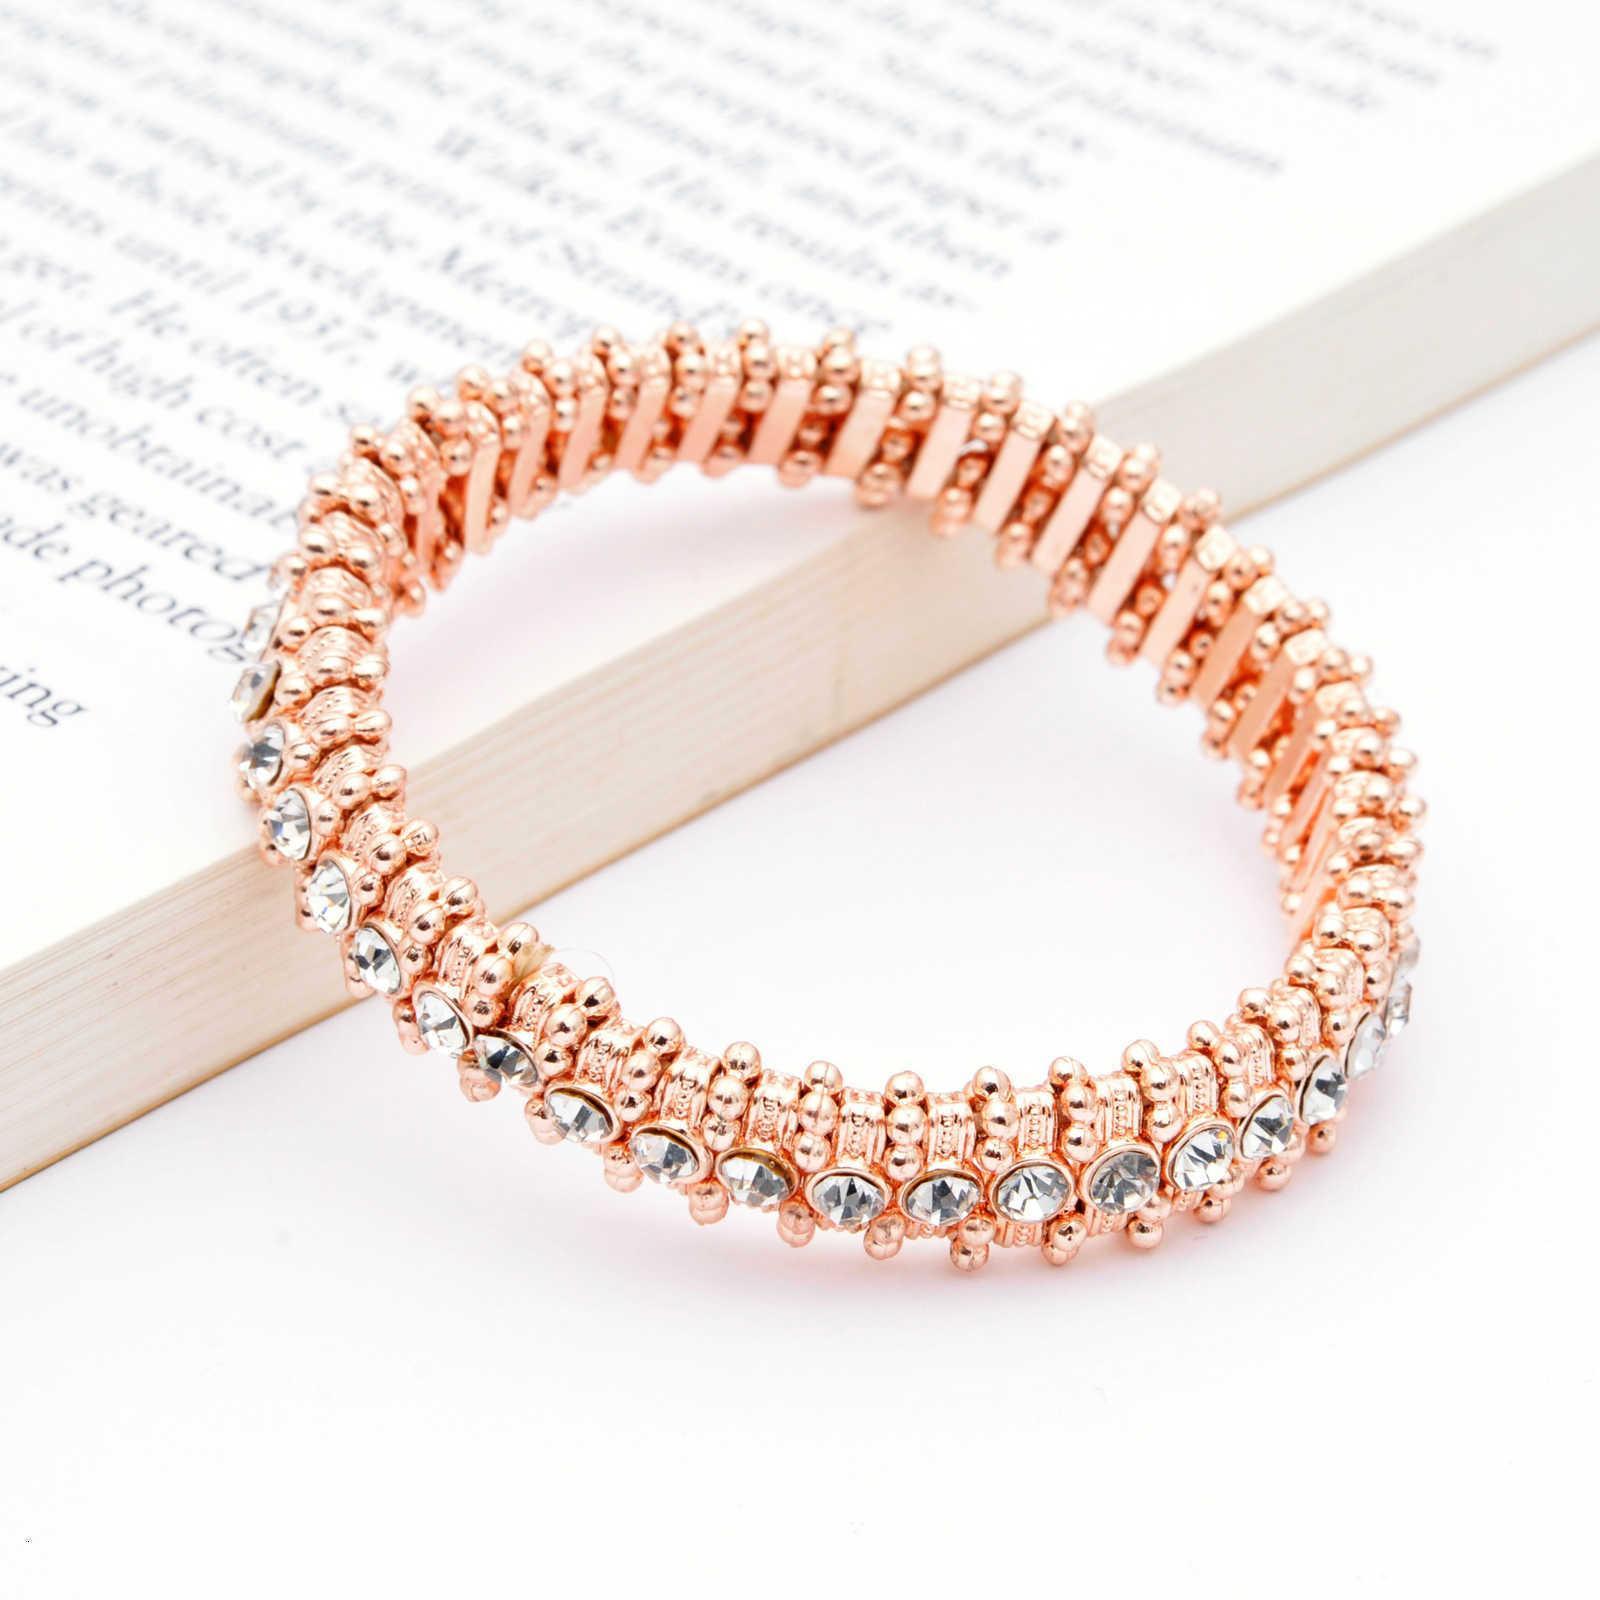 Los anillos de compromiso de los pendientes de diseño, pulseras y collares de oro son favoritos de las mujeres pulseras de encanto de encanto aleación eólica elástica de diamante completo rosa pulsera de los hombres